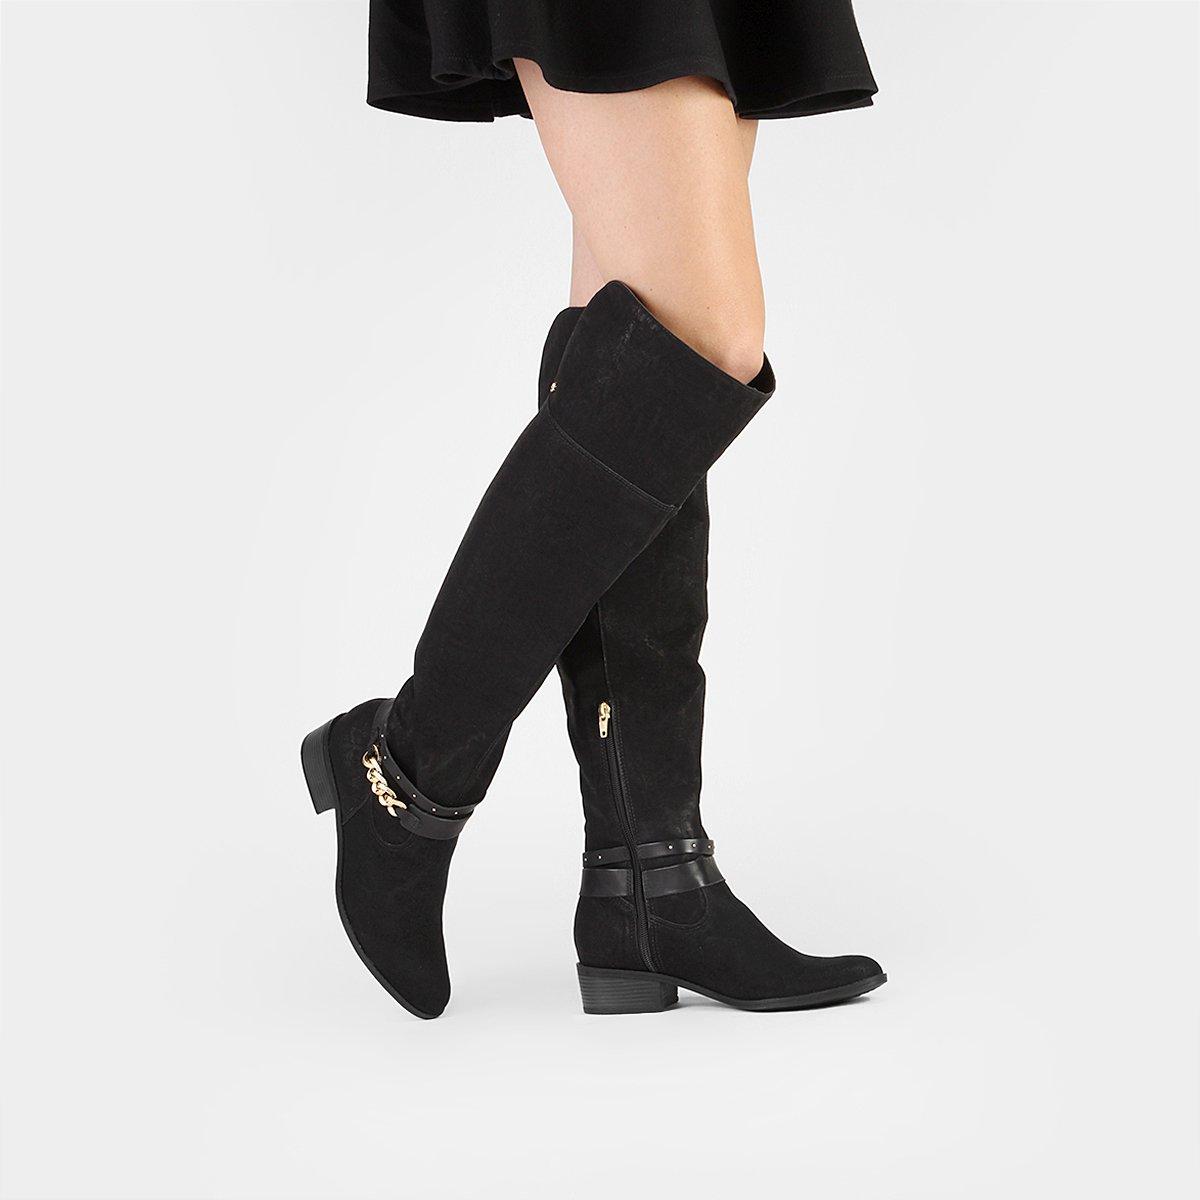 5f47d8659 Bota Cravo&Canela Over the Knee Corrente - Compre Agora | Zattini